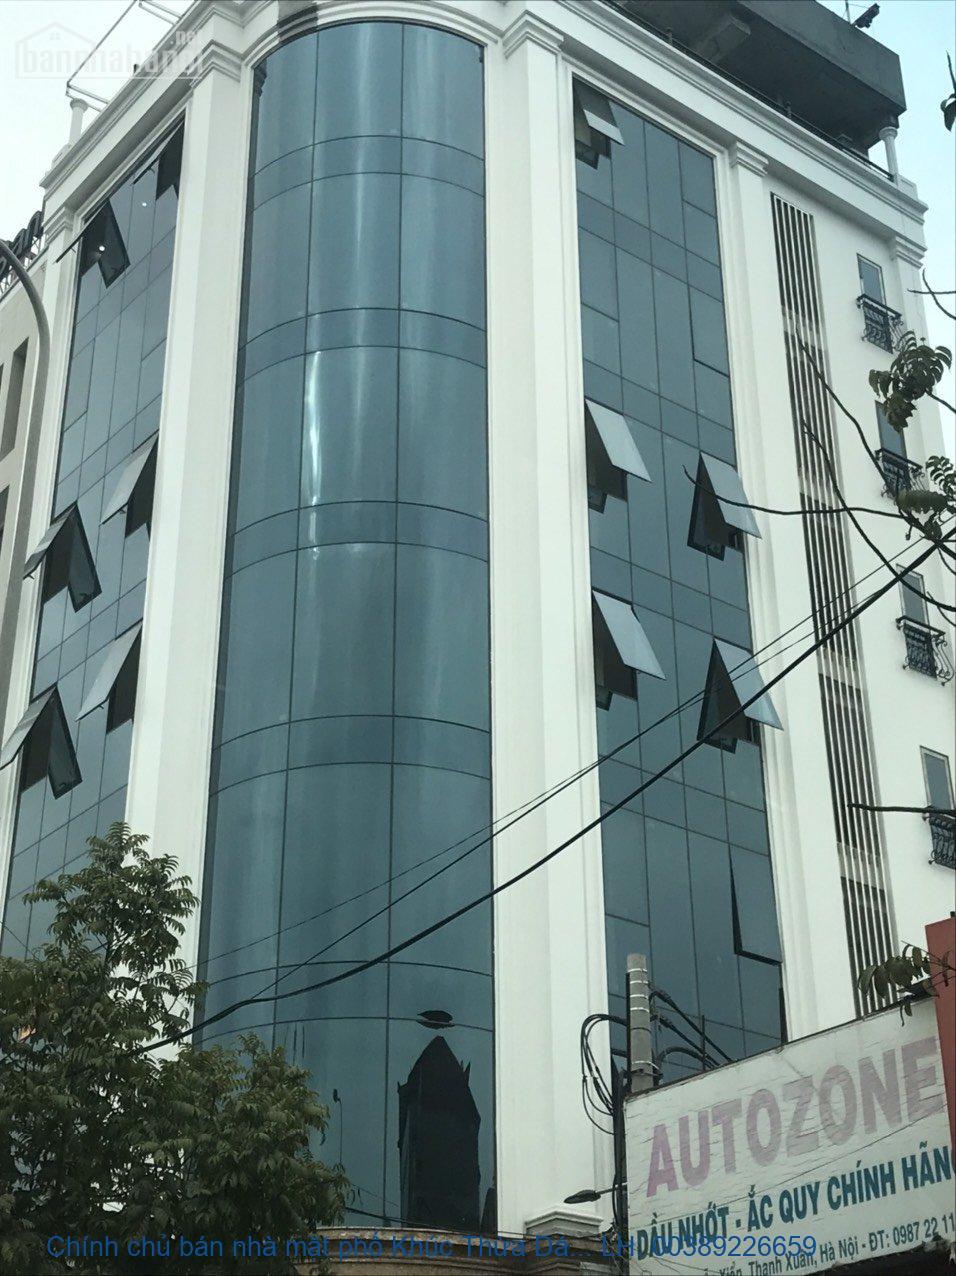 Chính chủ bán nhà mặt phố Khúc Thừa Dụ, Cầu Giấy 180m2 giá 80ty